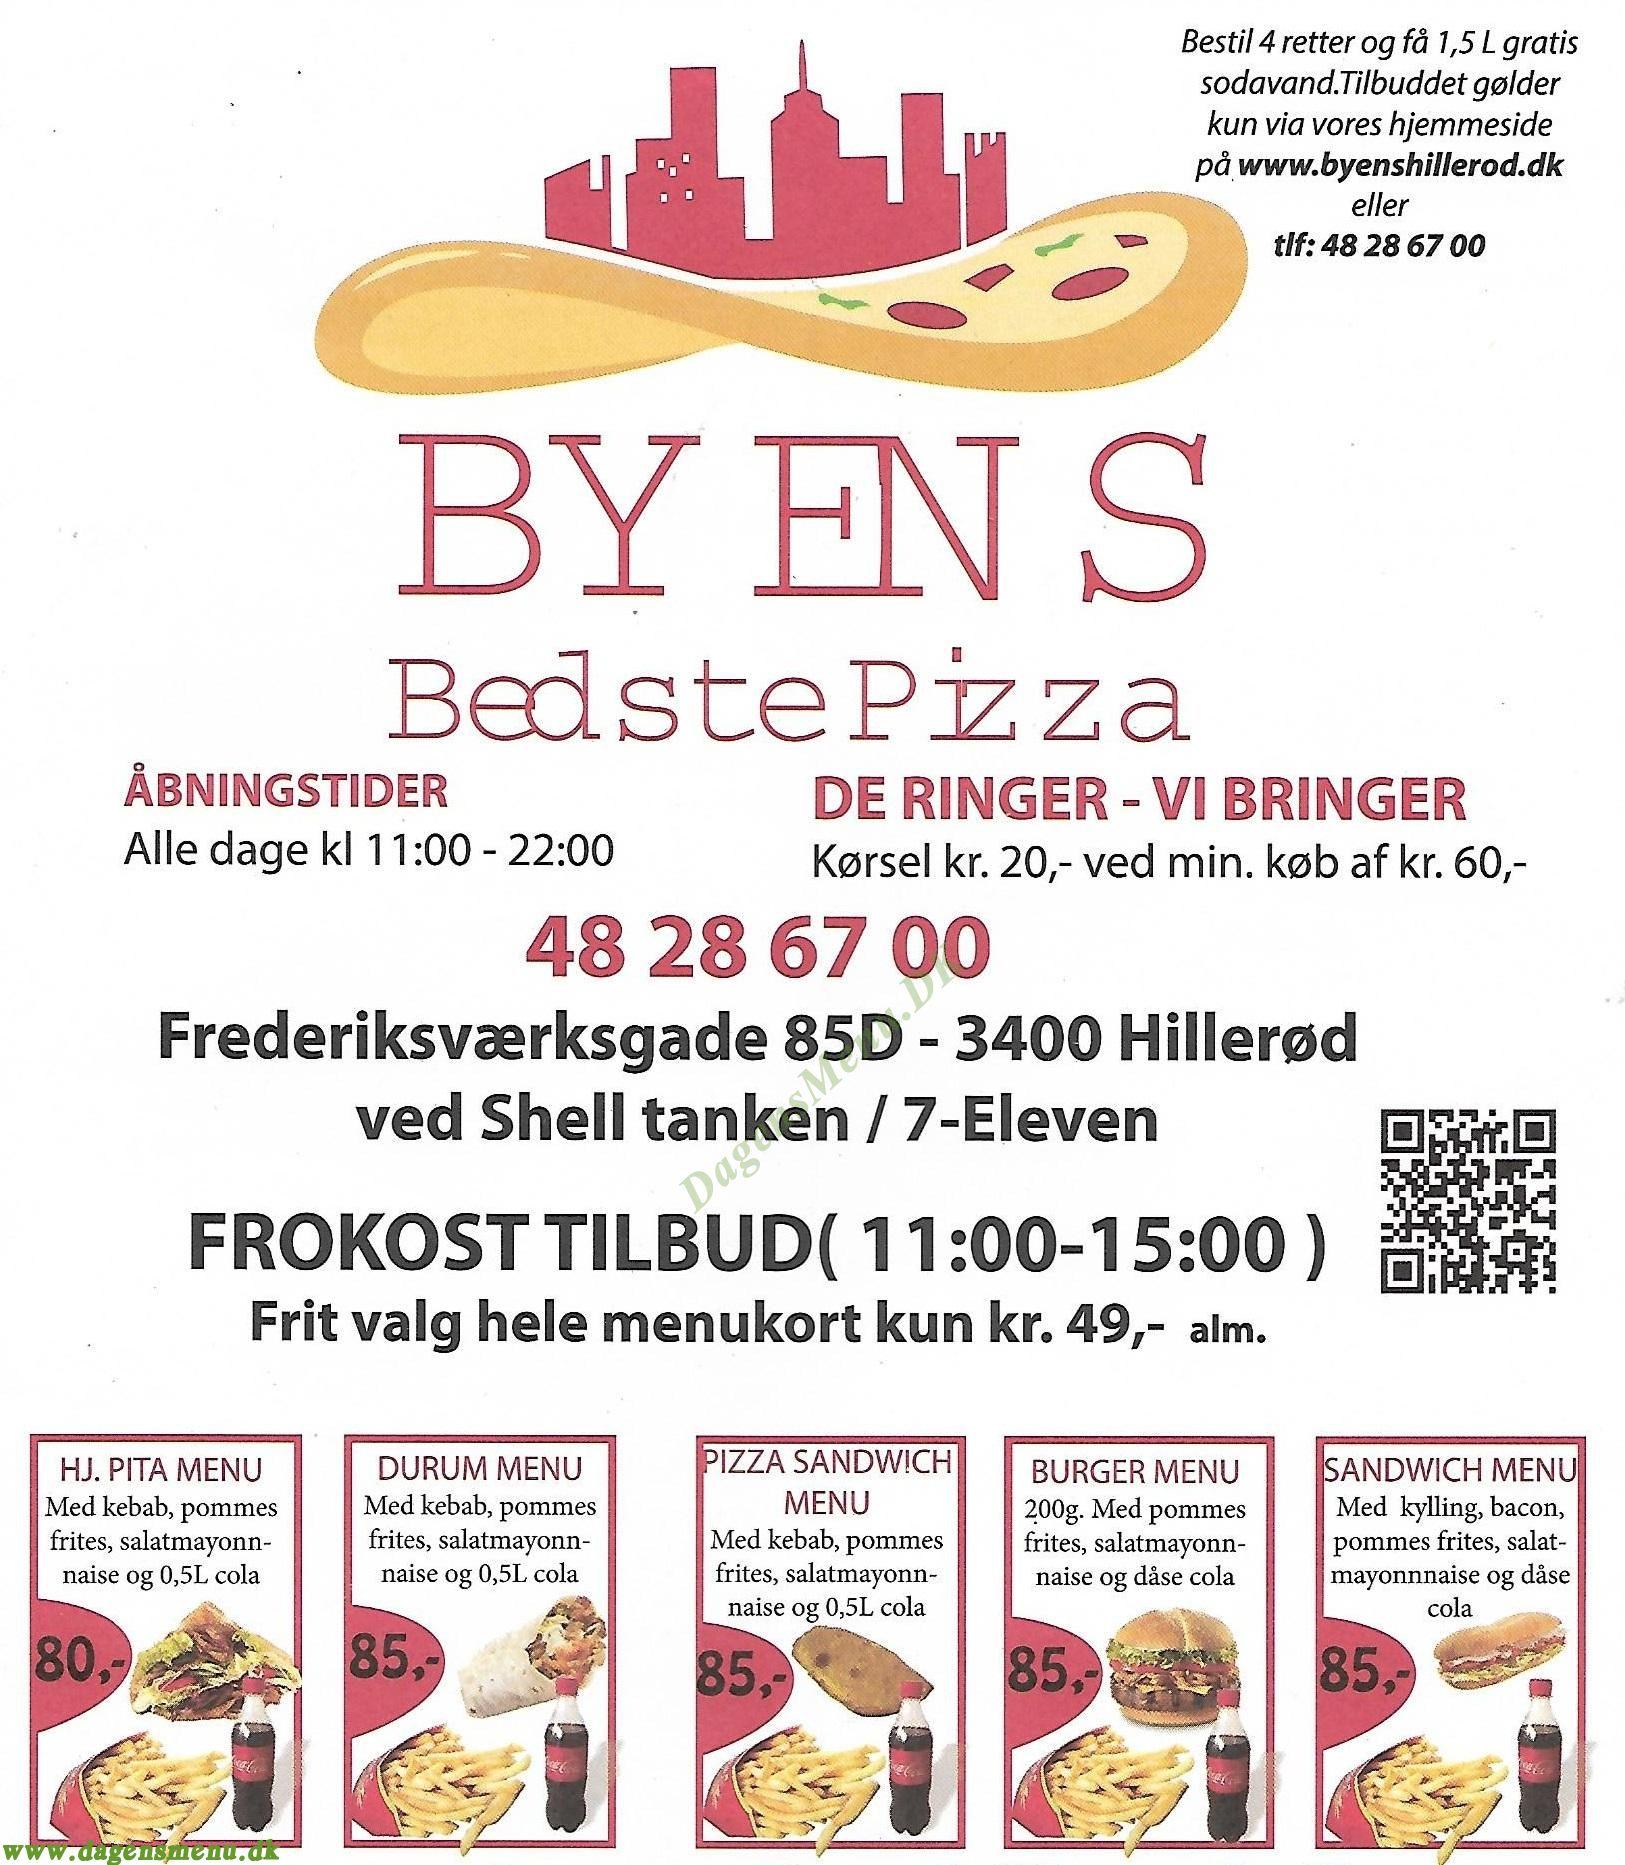 Byens Bedste Pizza - Menukort